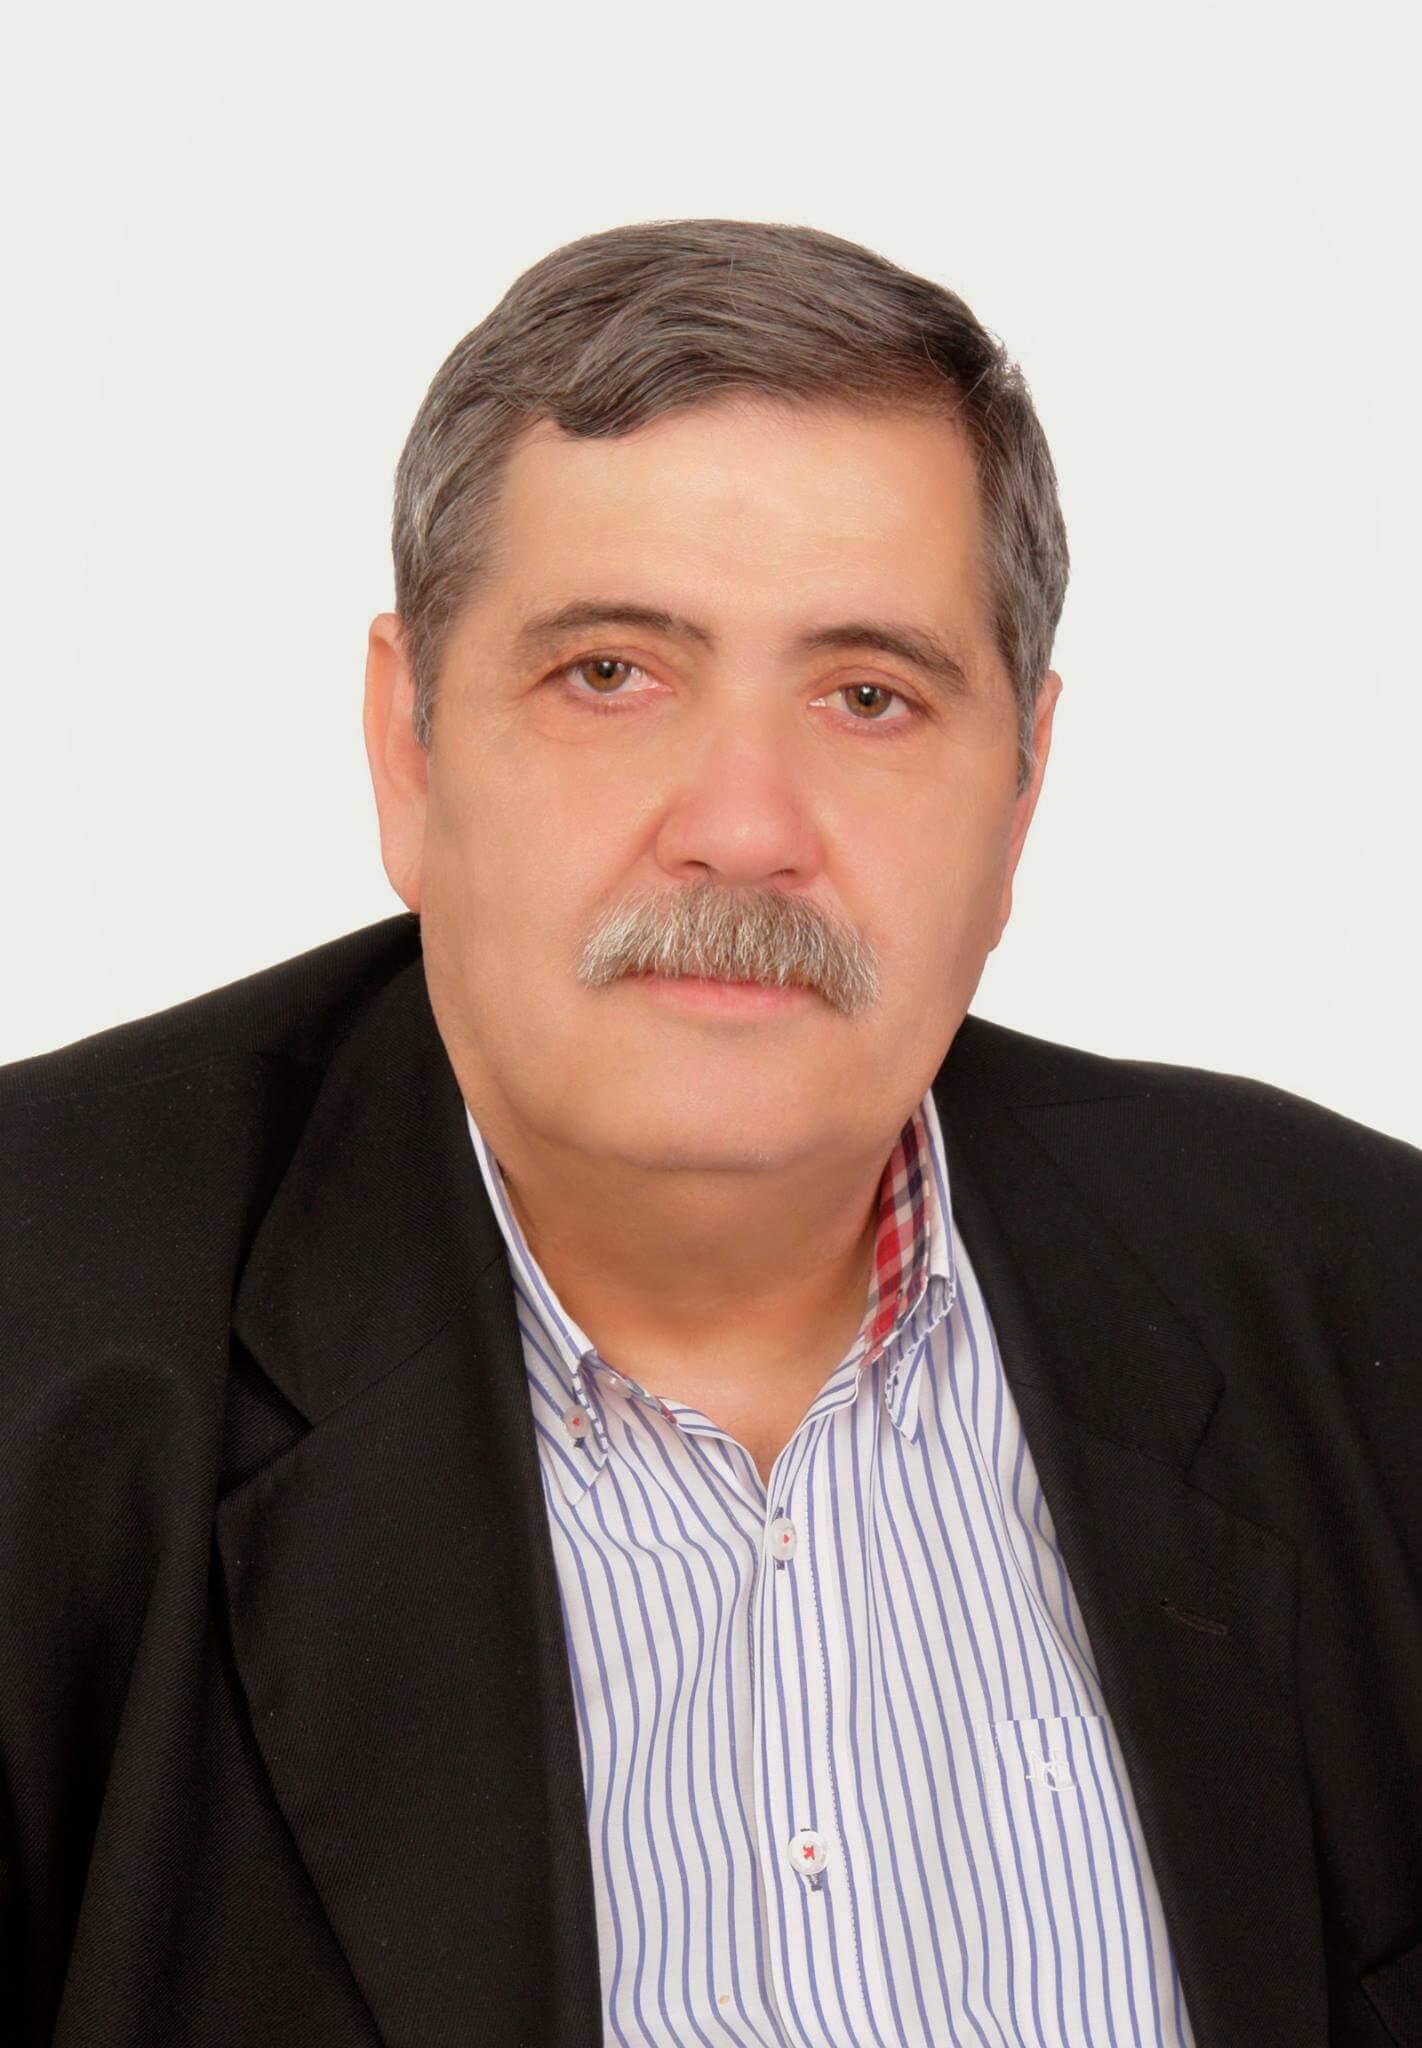 Παρέμβαση Κ. Κούβαρη για το Κέντρο Υγείας στο Κερατσίνι : «Κάποιοι ξεχάσαν ότι ο Δήμος έχει συνέχεια»